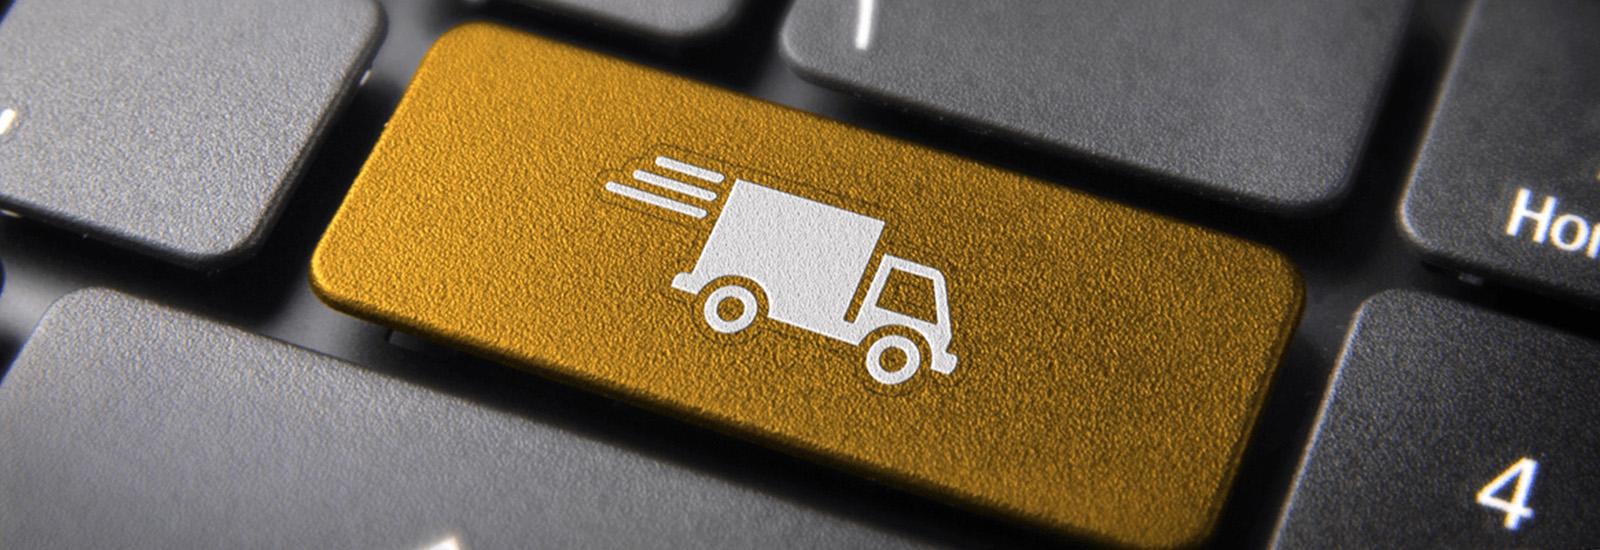 Advantages of digitisation for fleet management